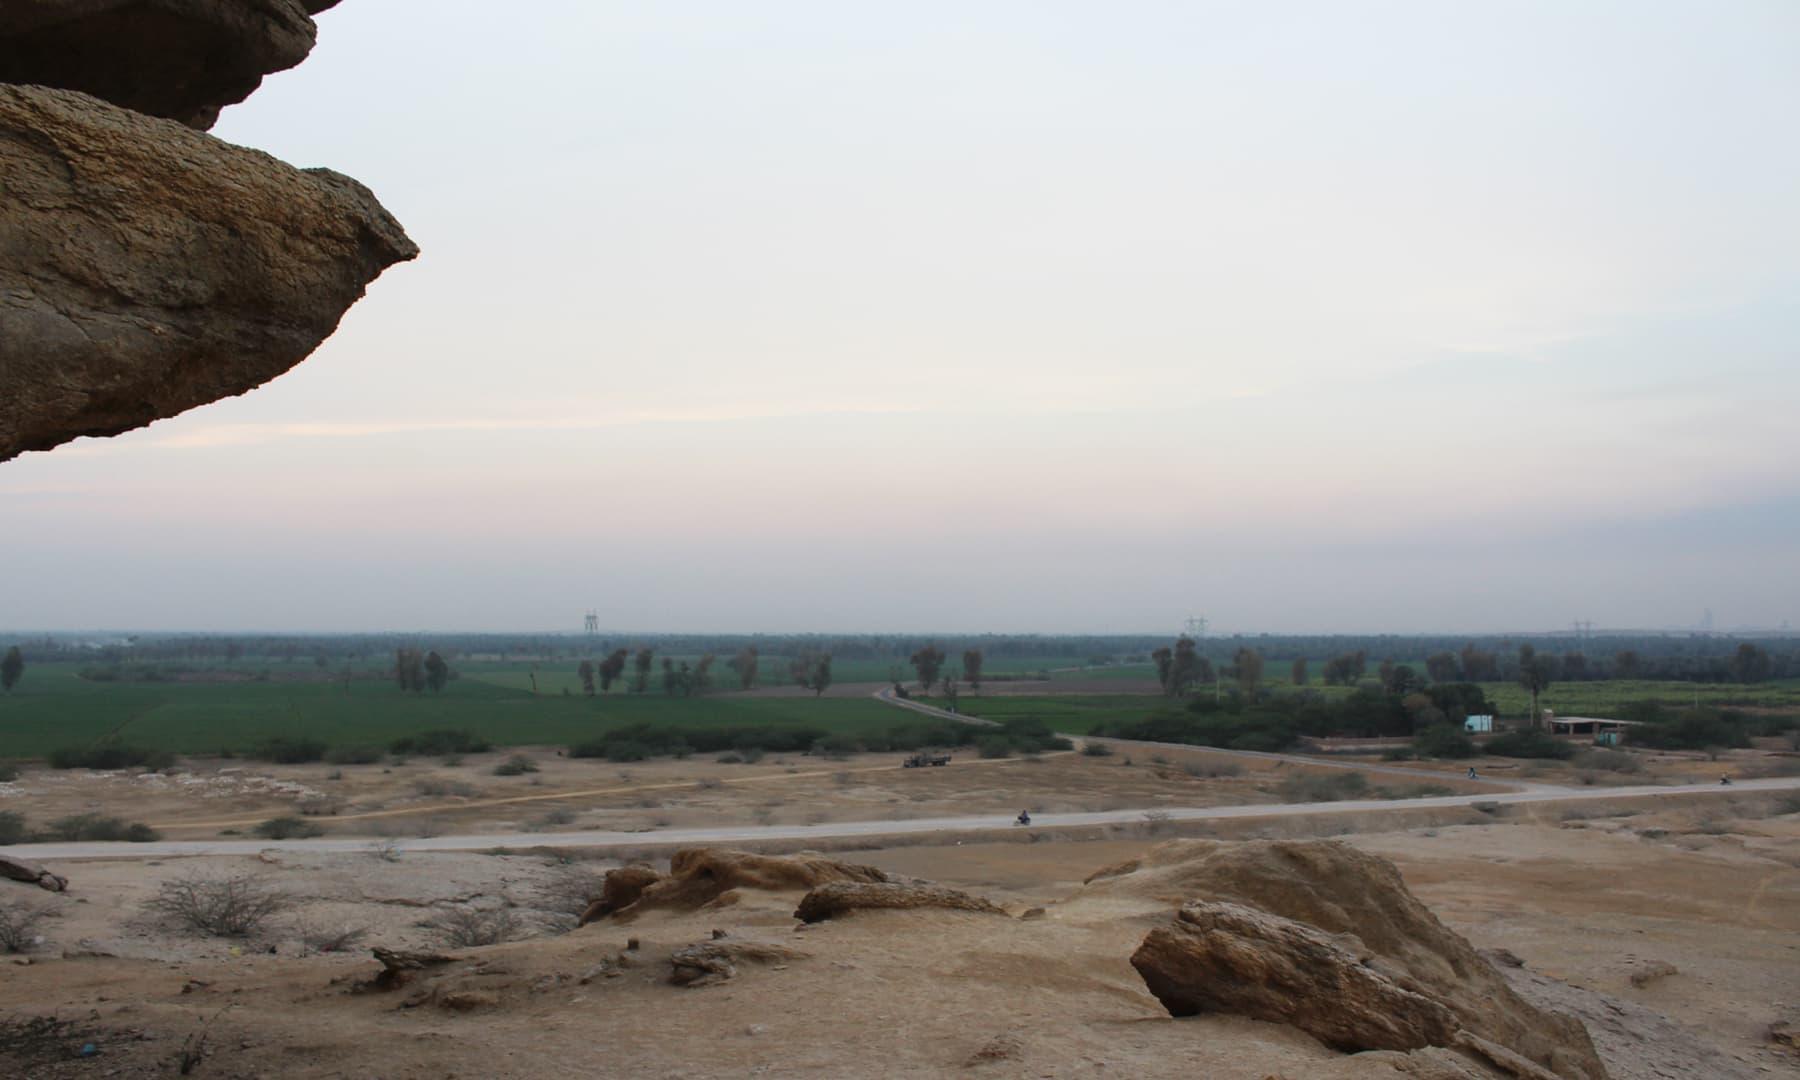 ہندو راجاؤں نے اروڑ پر 130 برس حکومت کی—تصویر اختر حفیظ